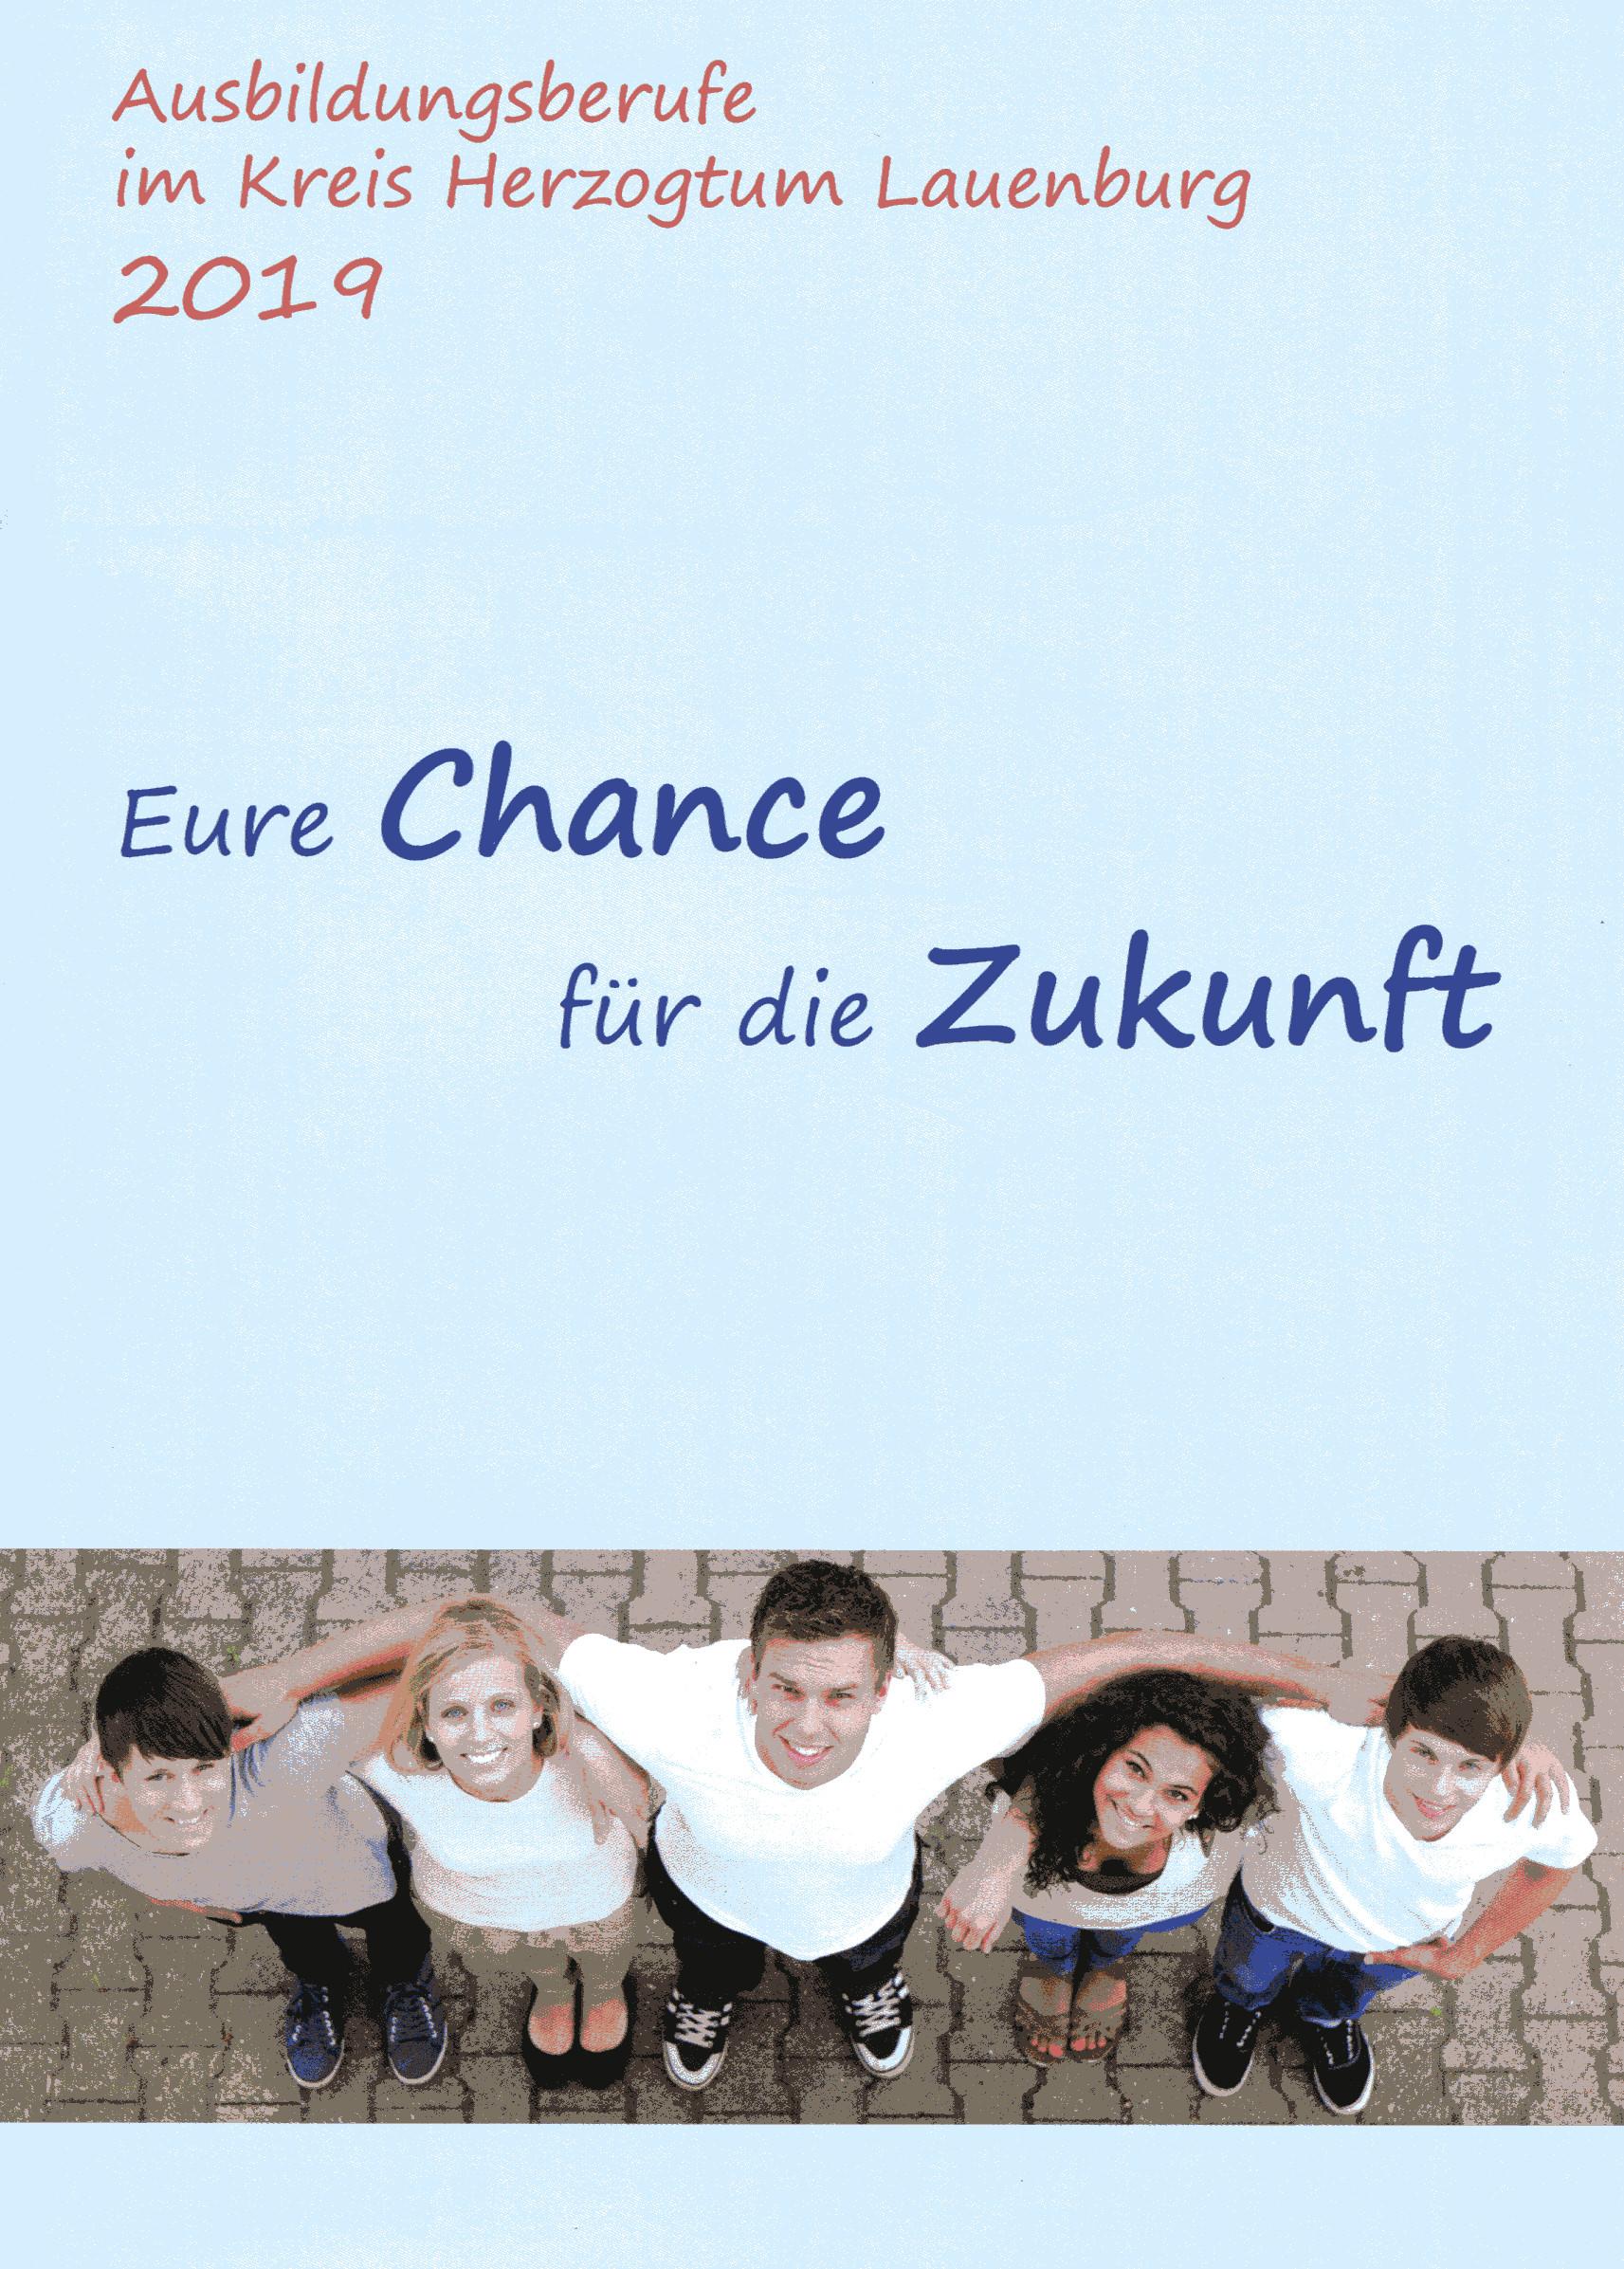 Ausbildungsberufe im Kreis Herzogtum Lauenburg